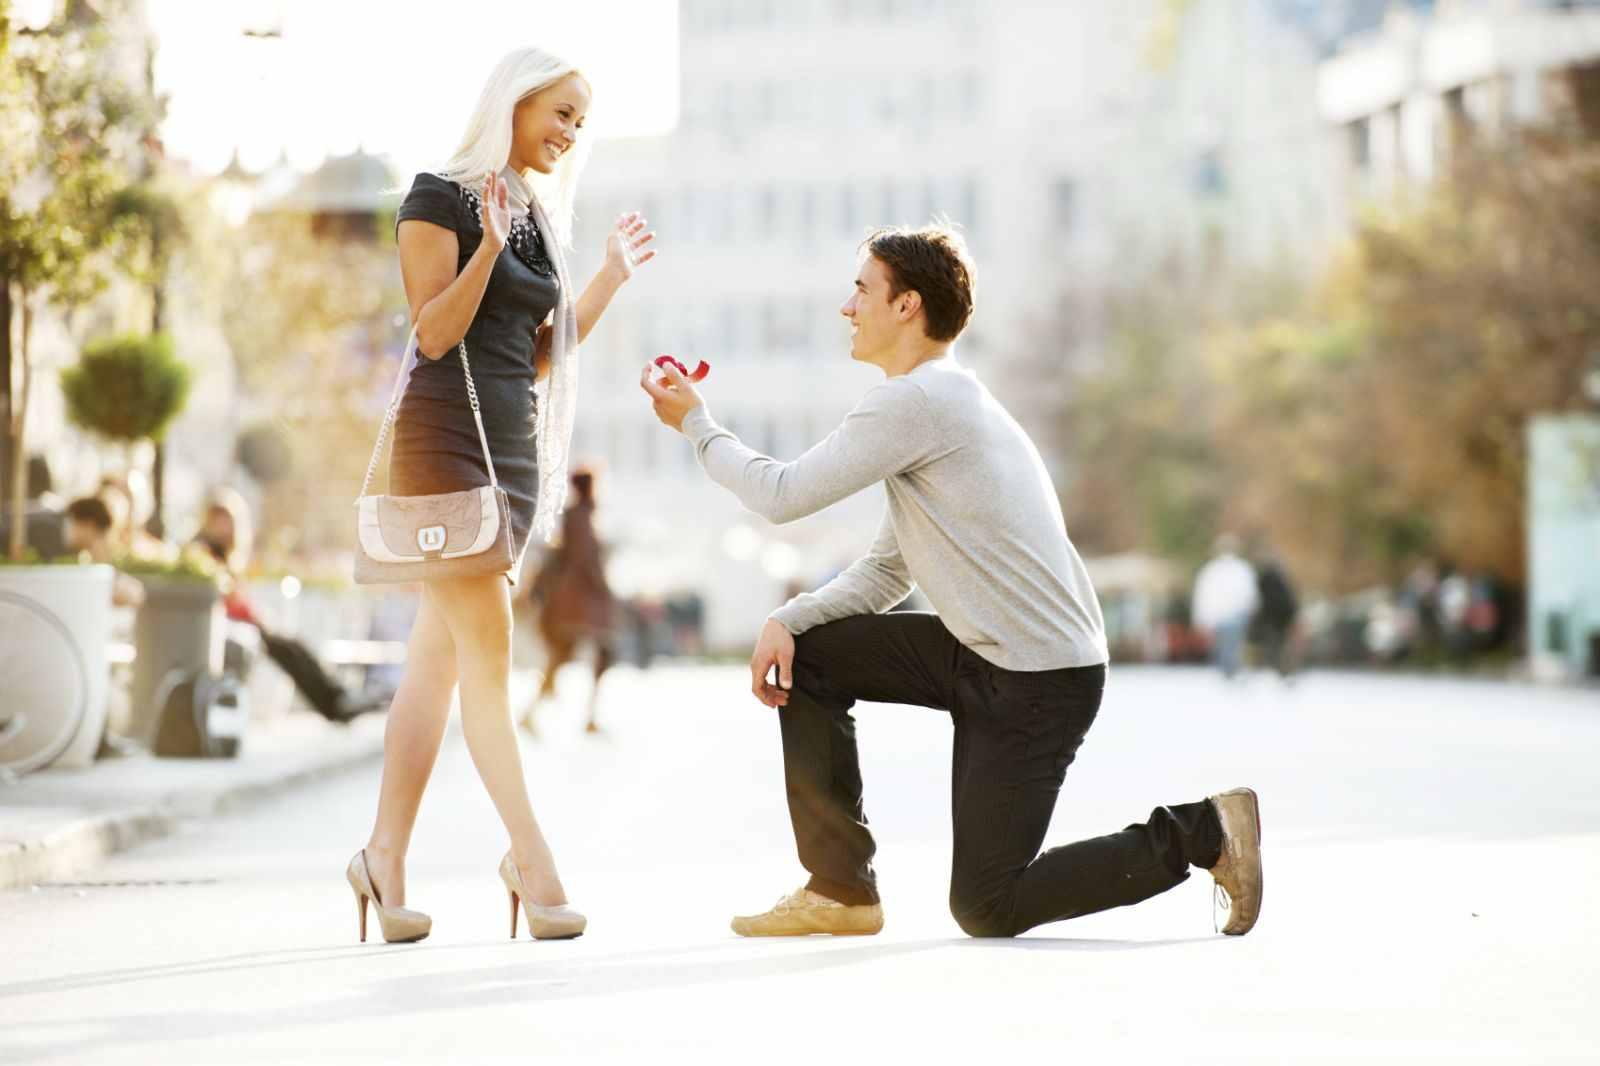 Как сделать предложение парню? Предложение руки 70